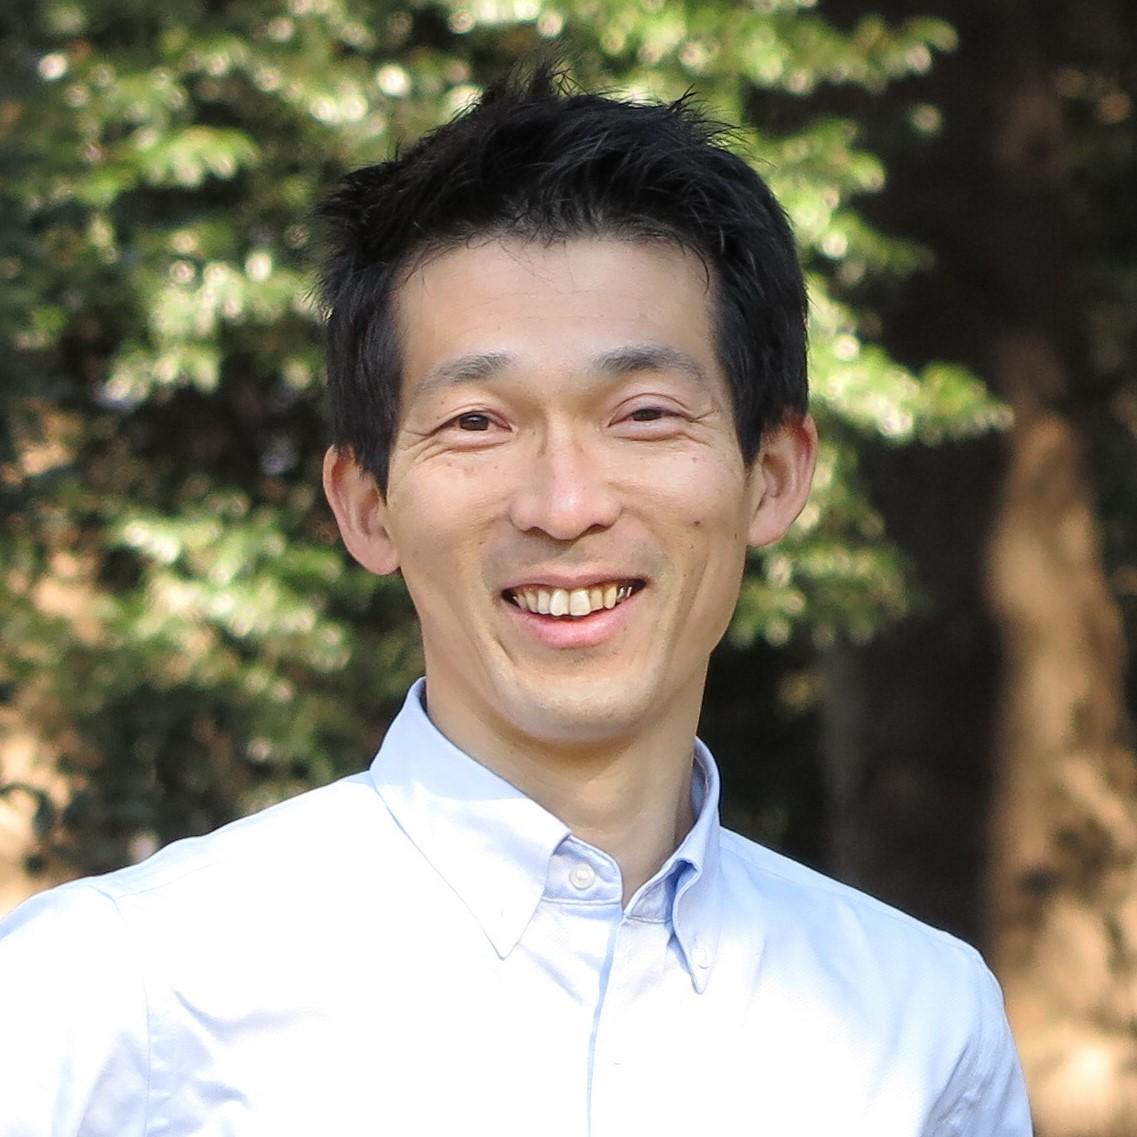 Ken Kuriki